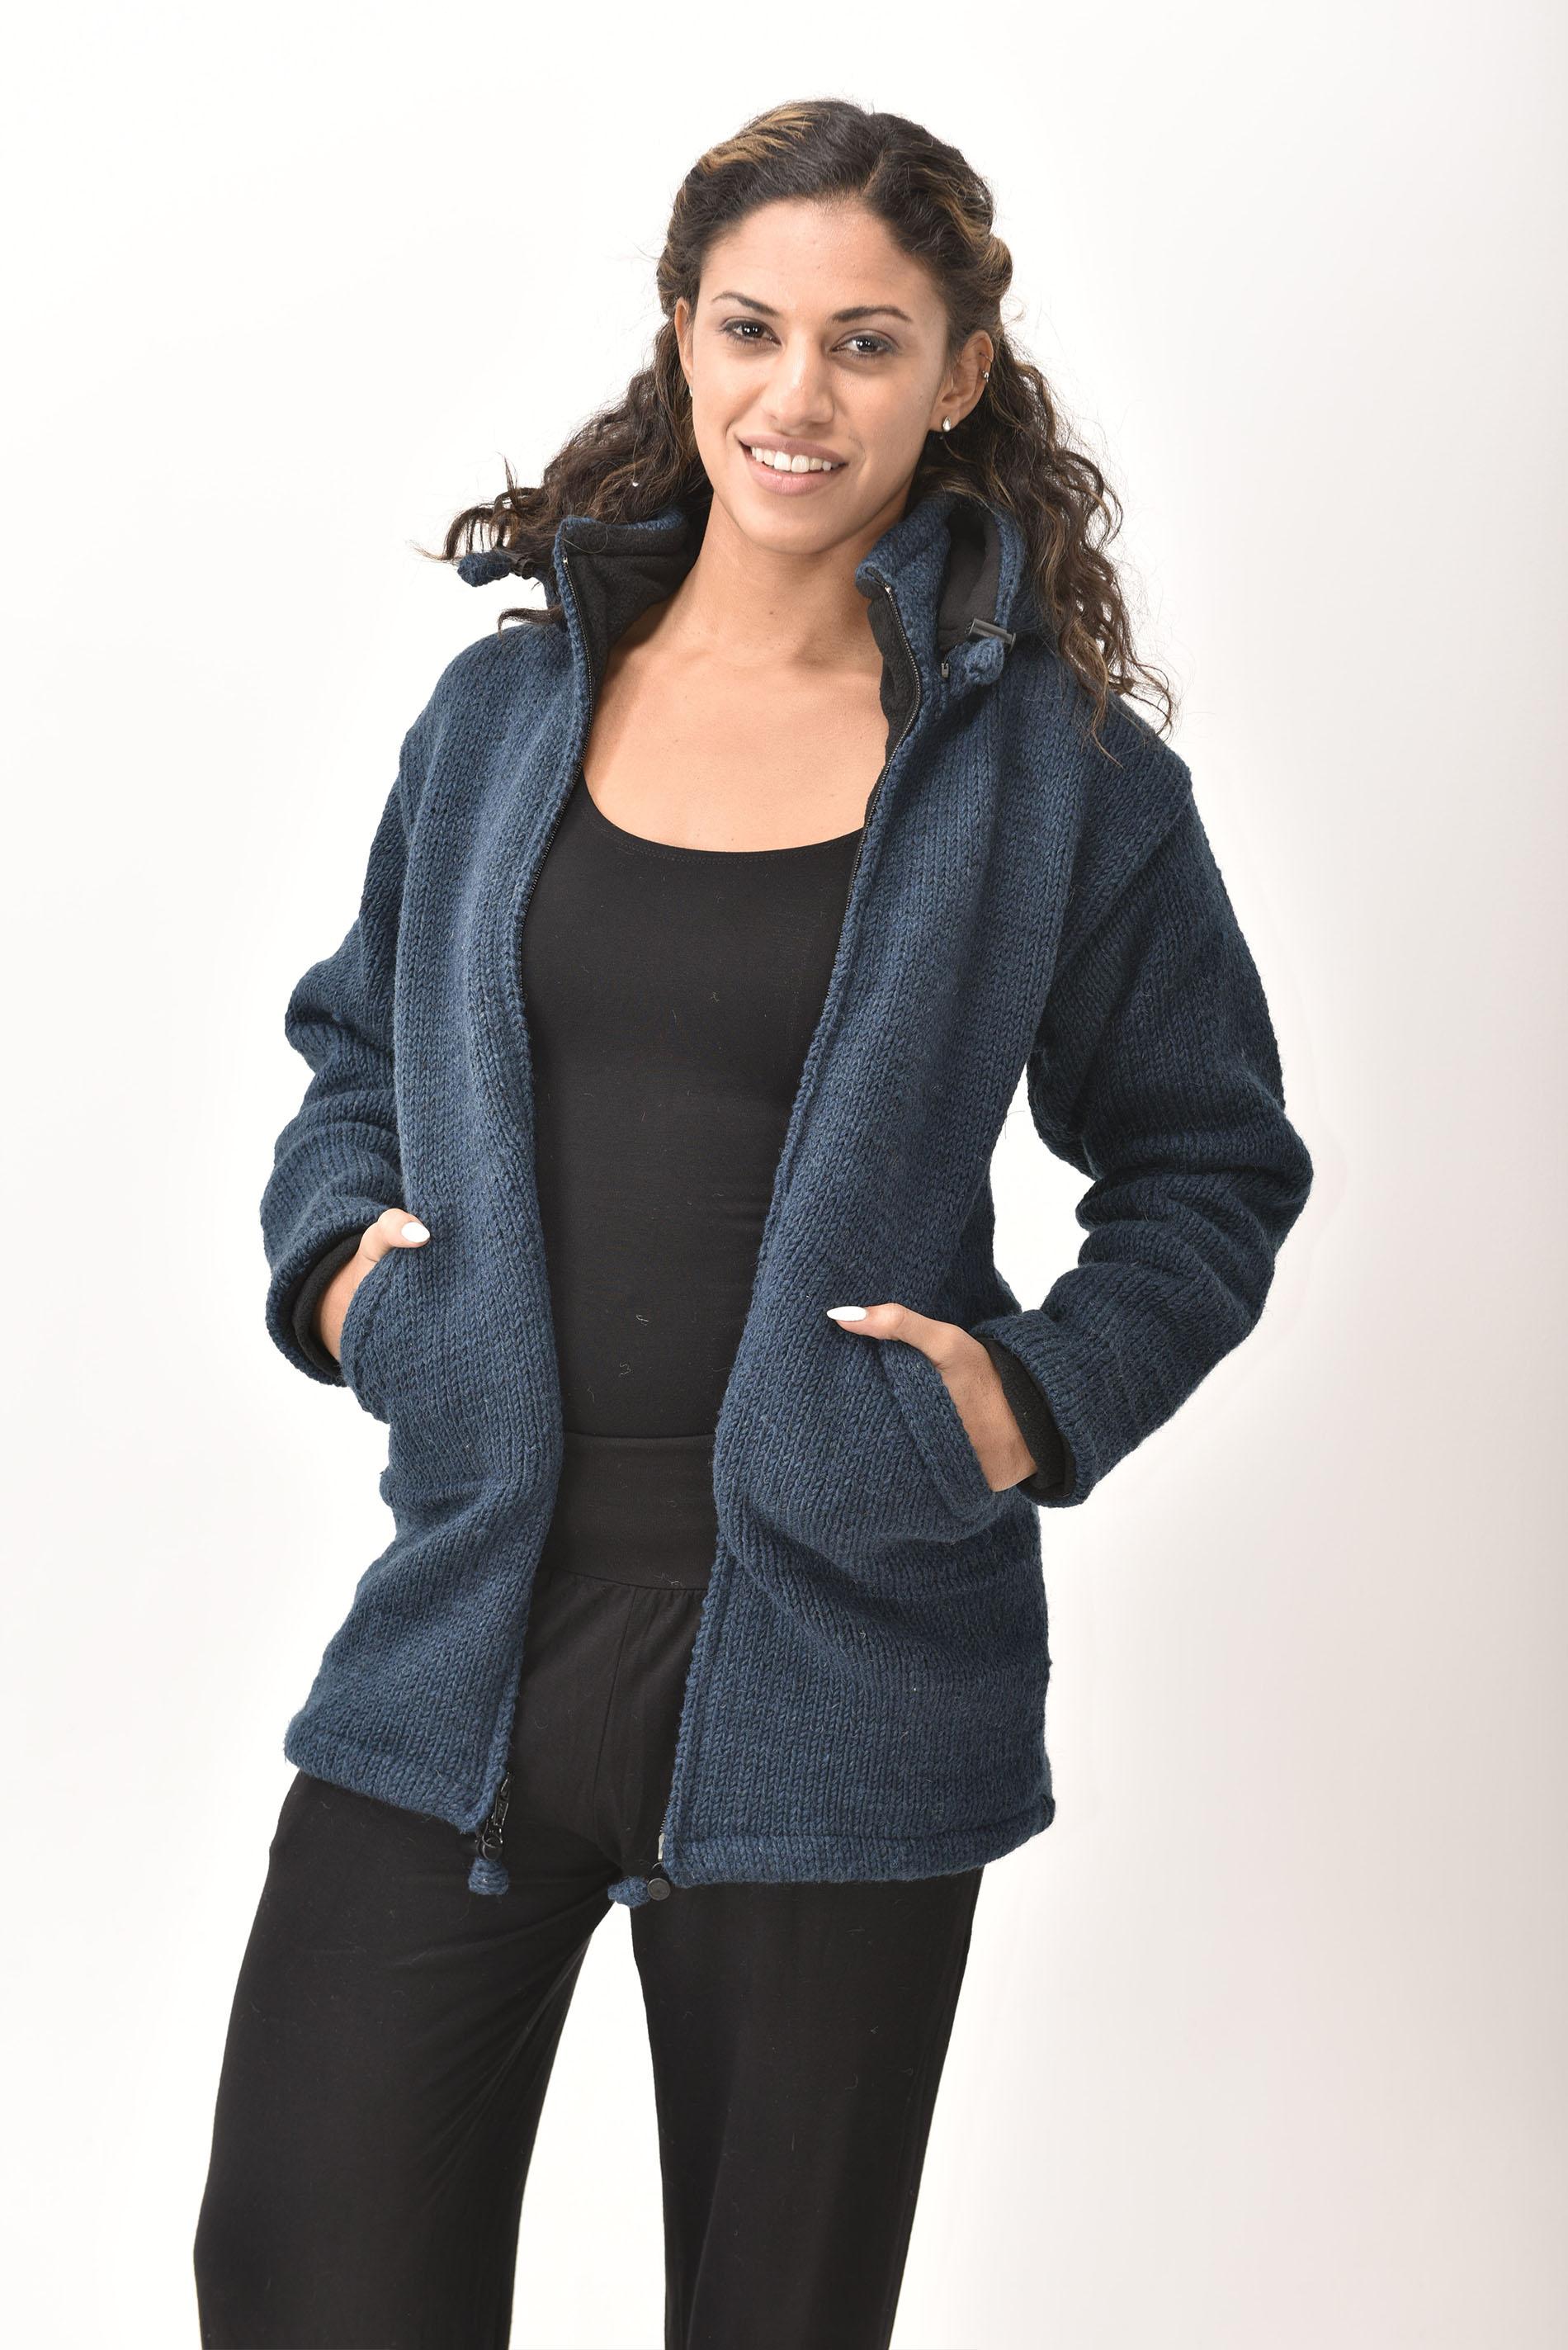 Himalayan Mountain Jacket Long Length, Solid Dark Blue